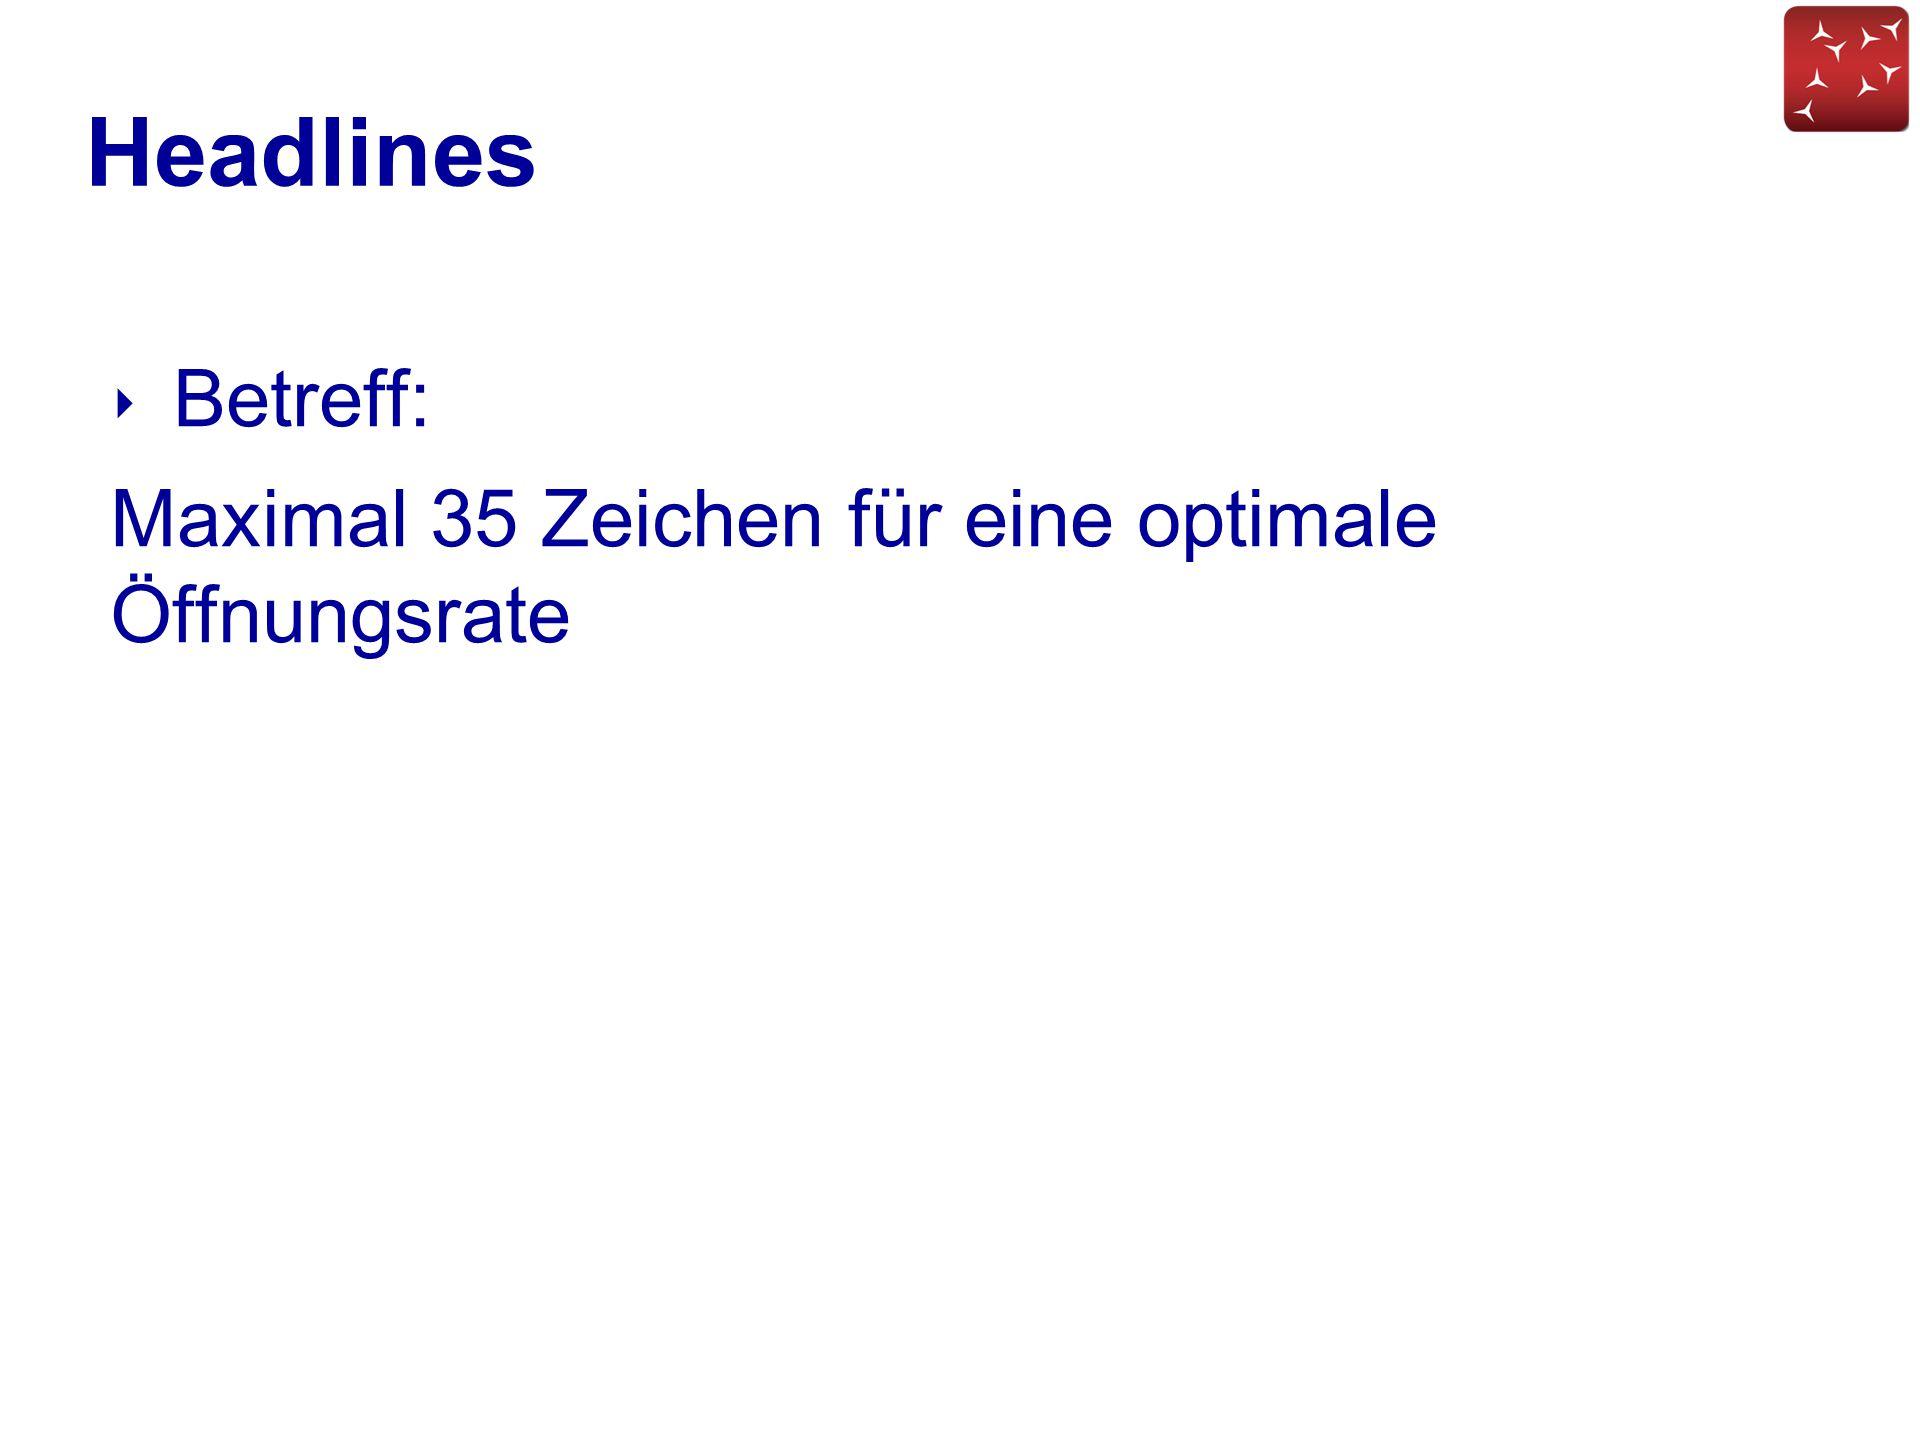 Headlines ‣ Betreff: Maximal 35 Zeichen für eine optimale Öffnungsrate